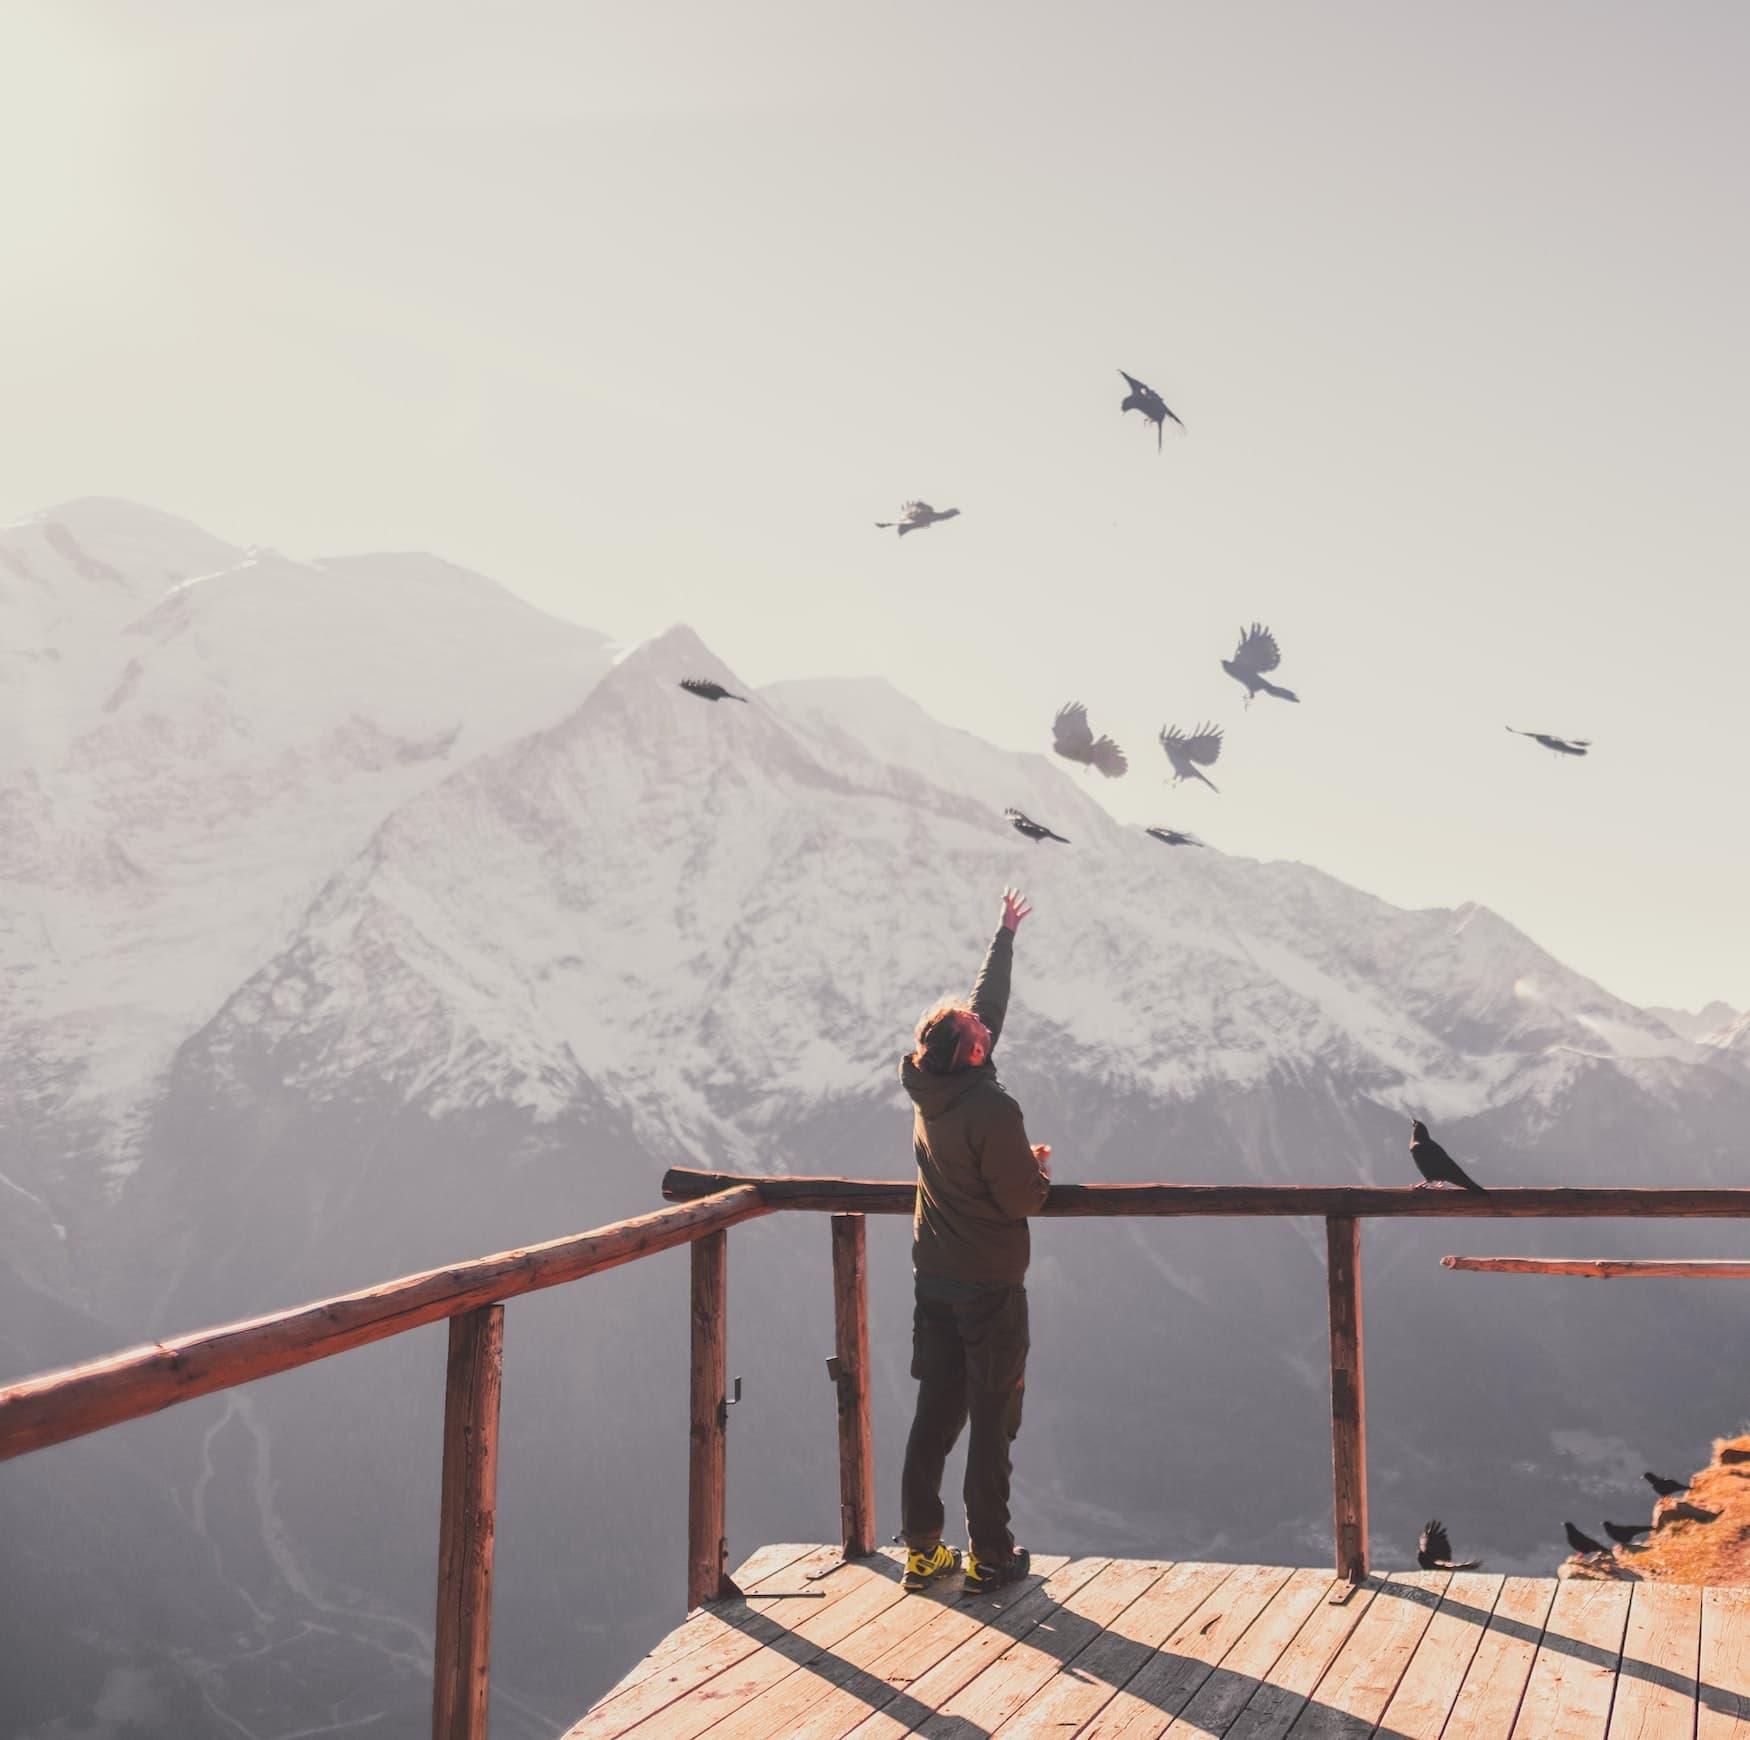 Mann steht auf Bergplateau und streckt Arm nach Vögeln aus